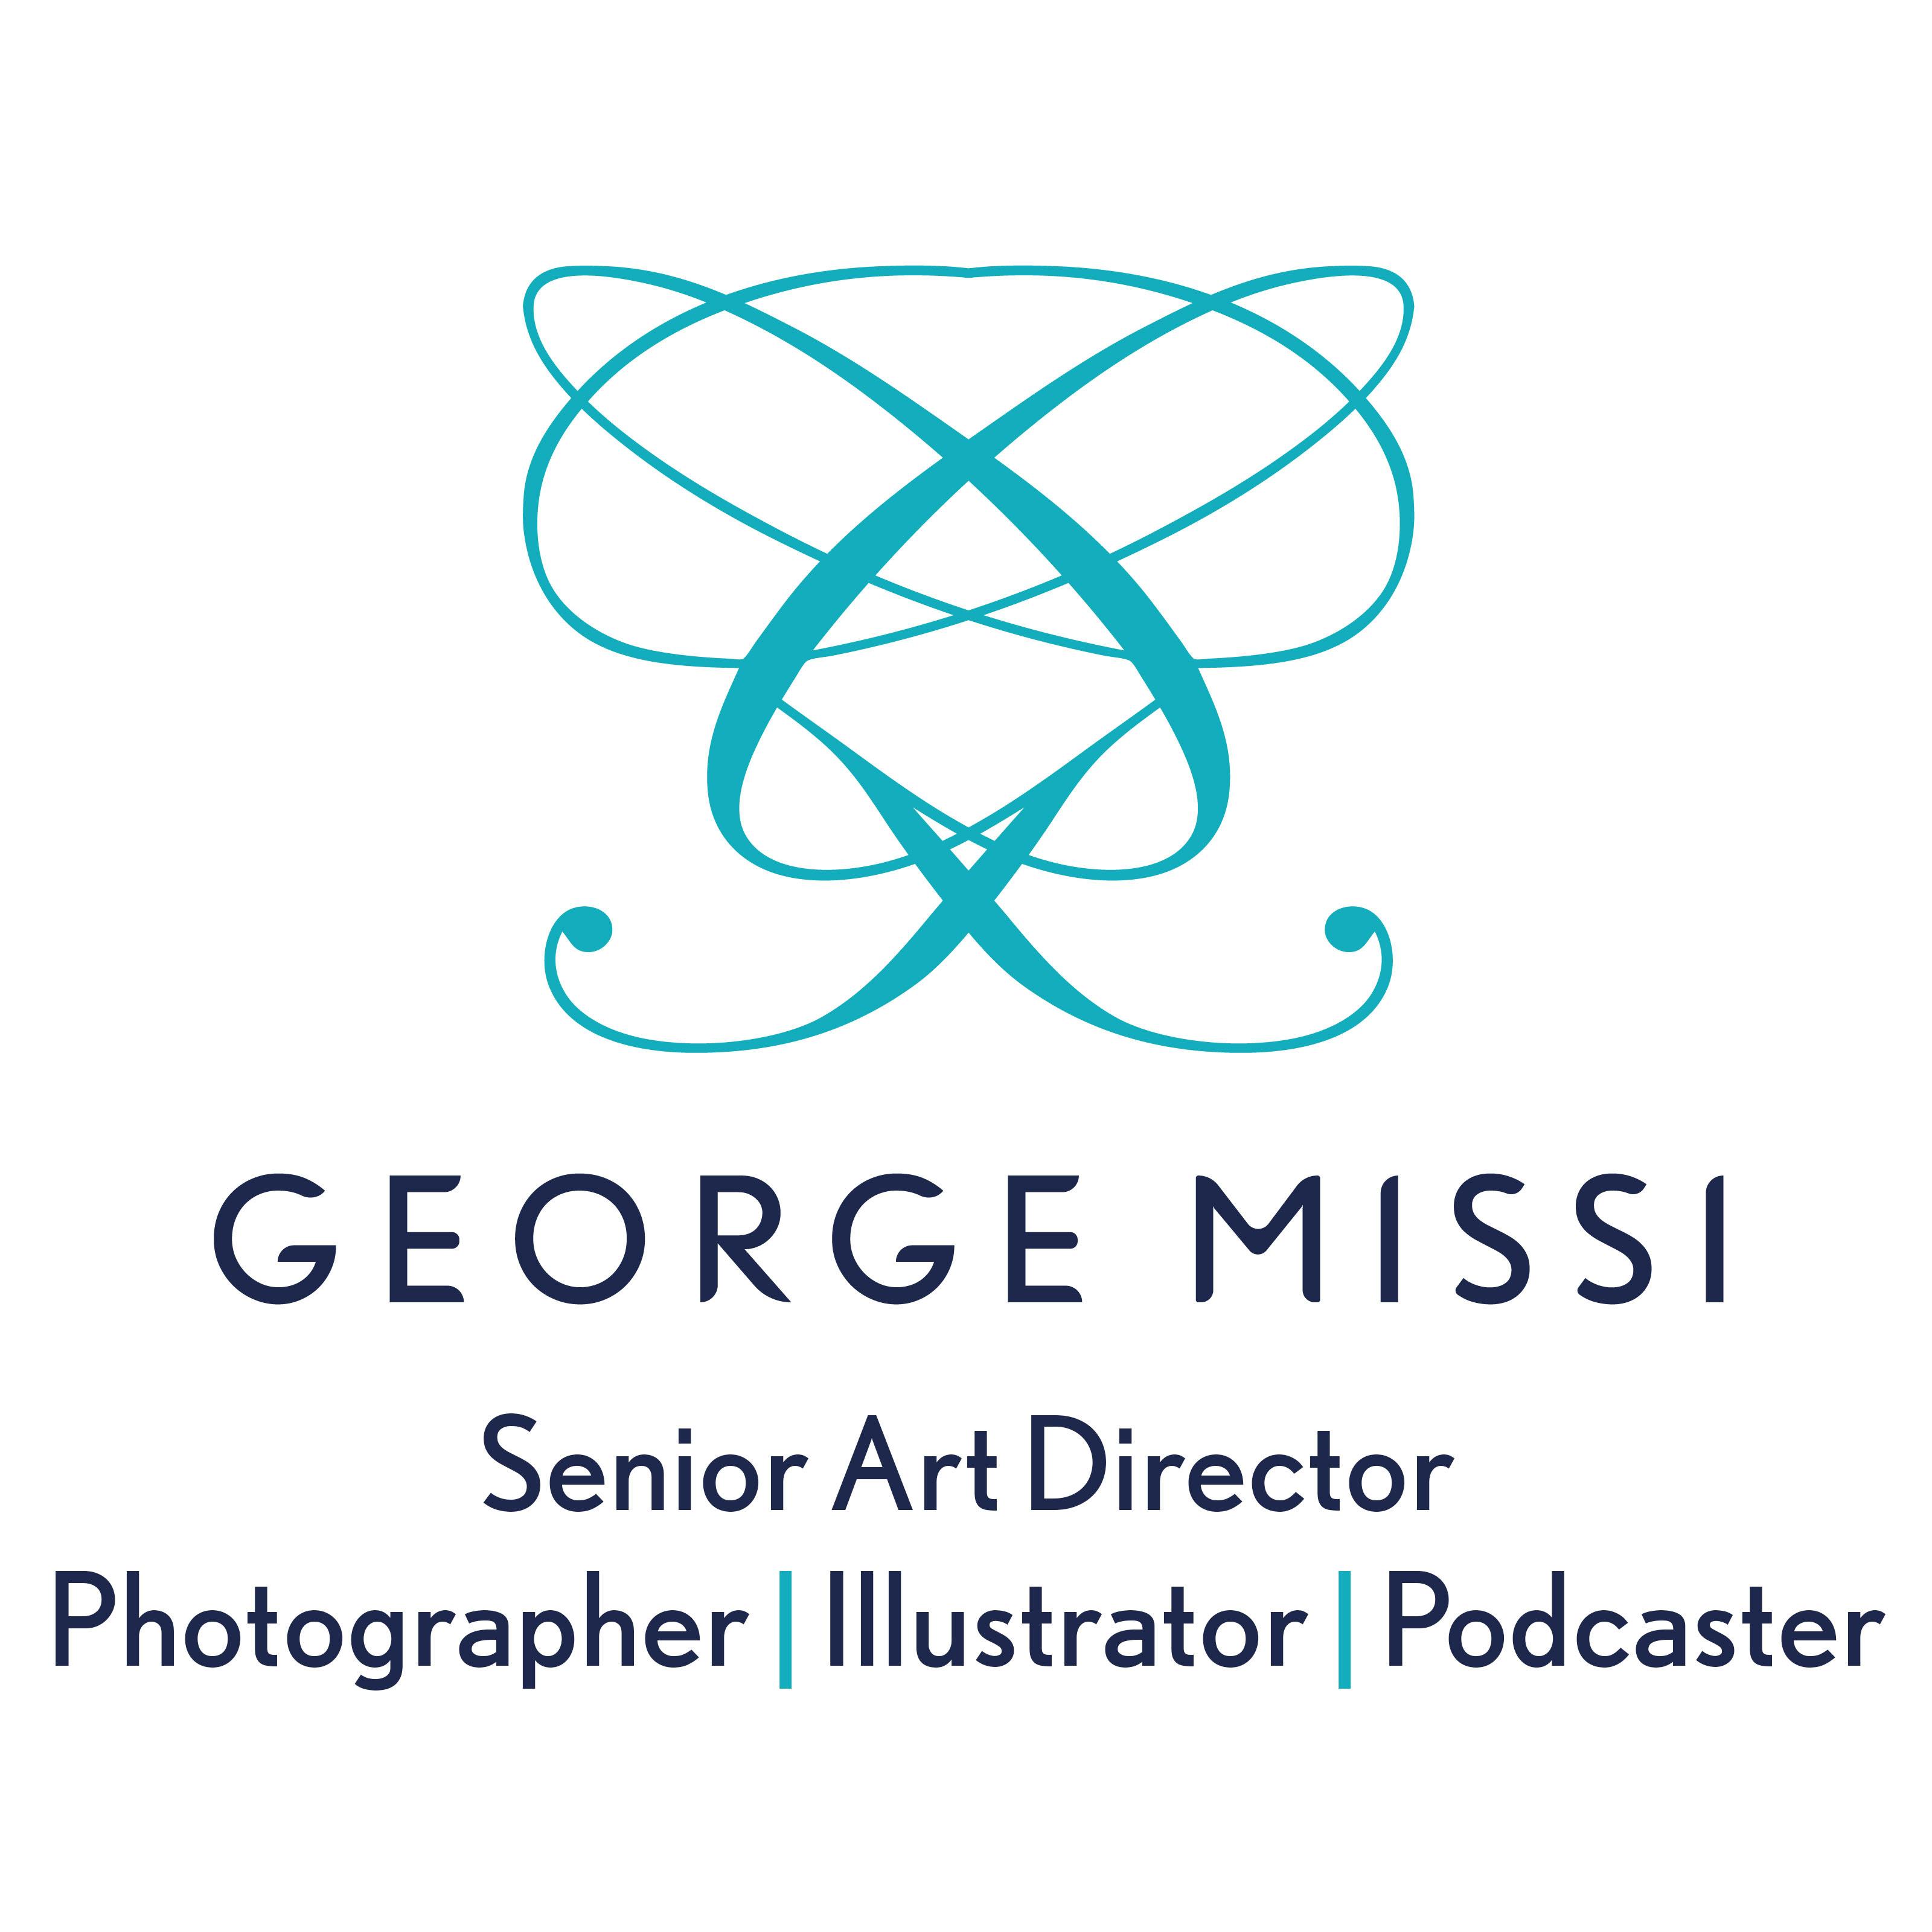 George Missi